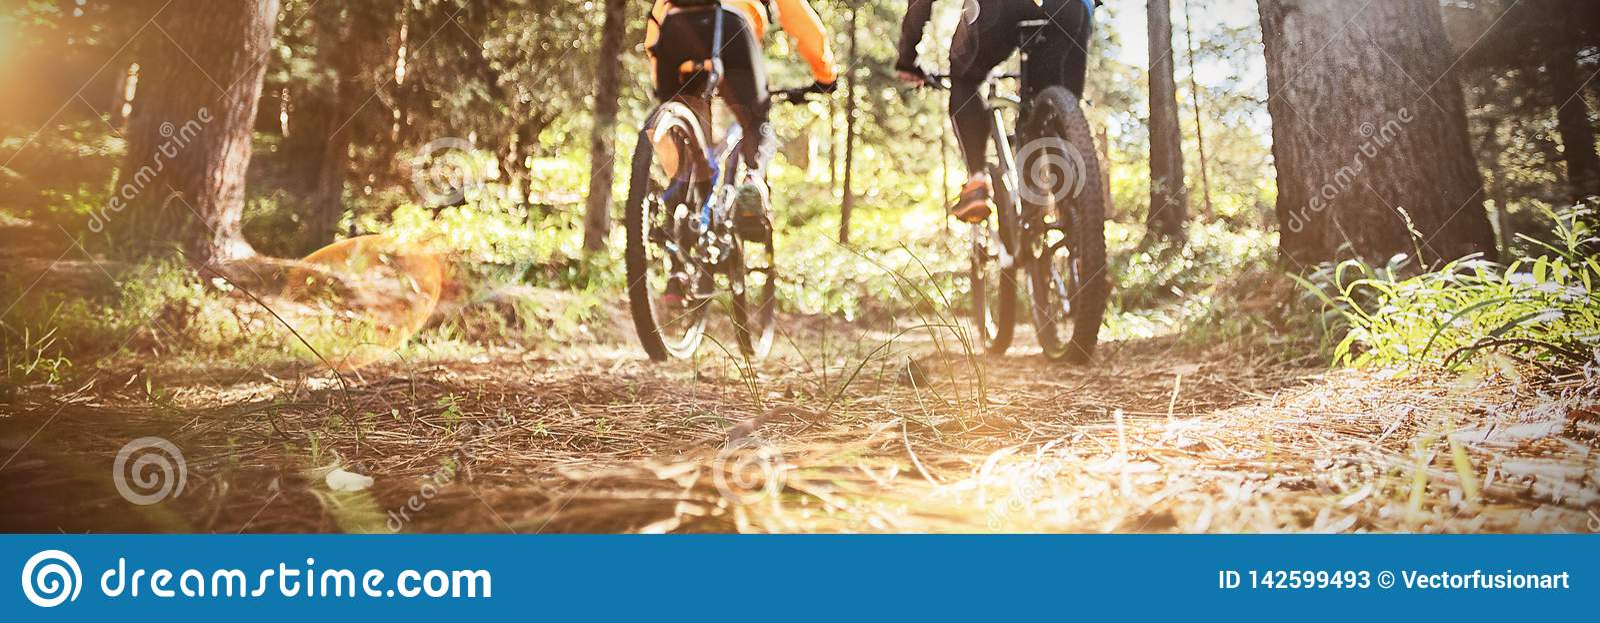 Berijdende de bergfiets van het fietserpaar in het bos